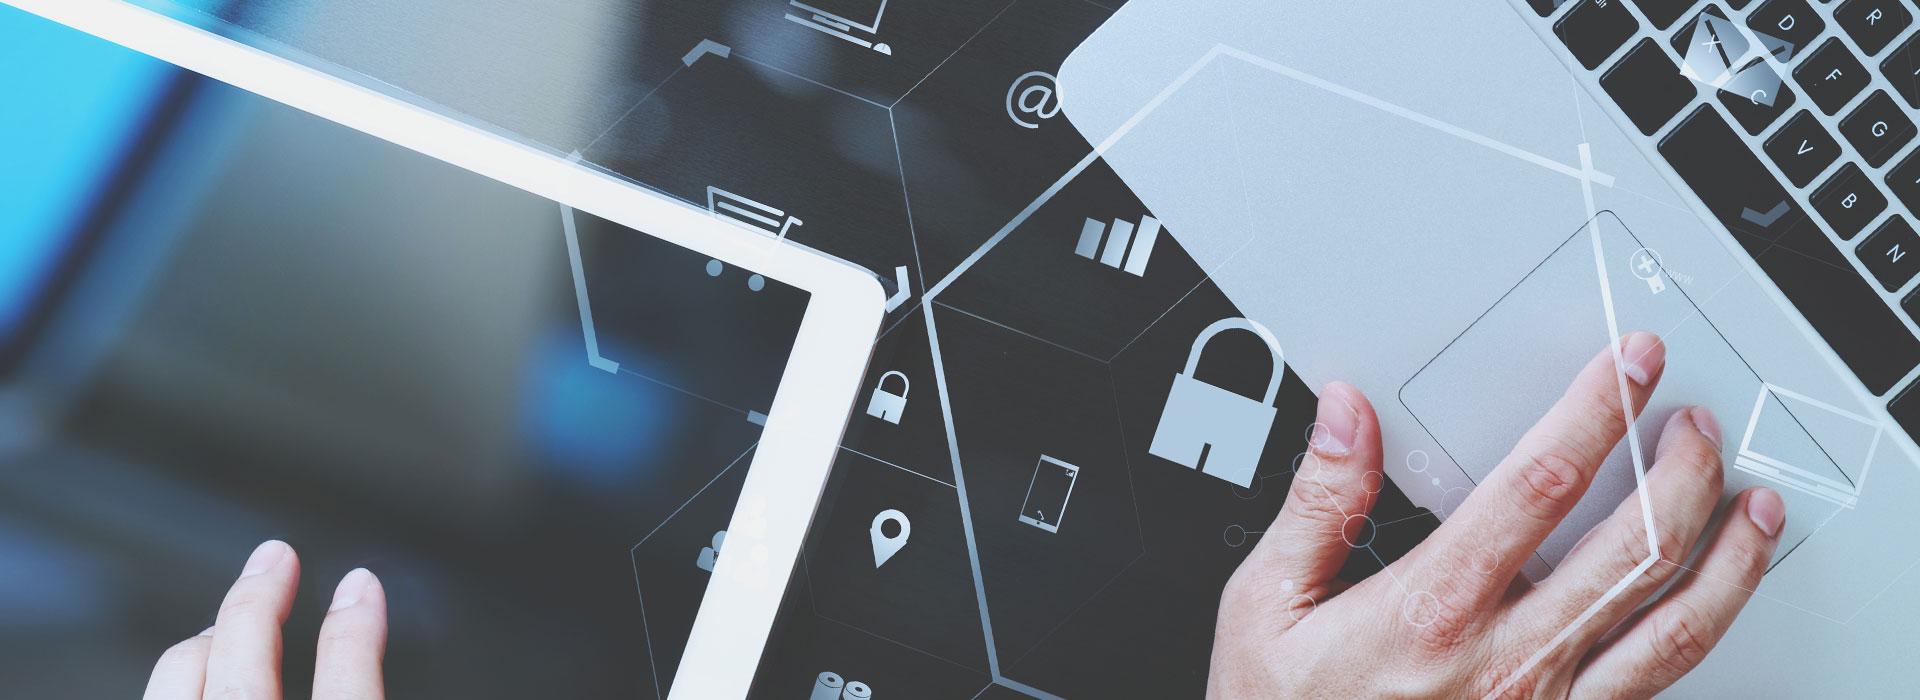 Banking & Finance im Digital Age - so geht sicherer Kundendialog